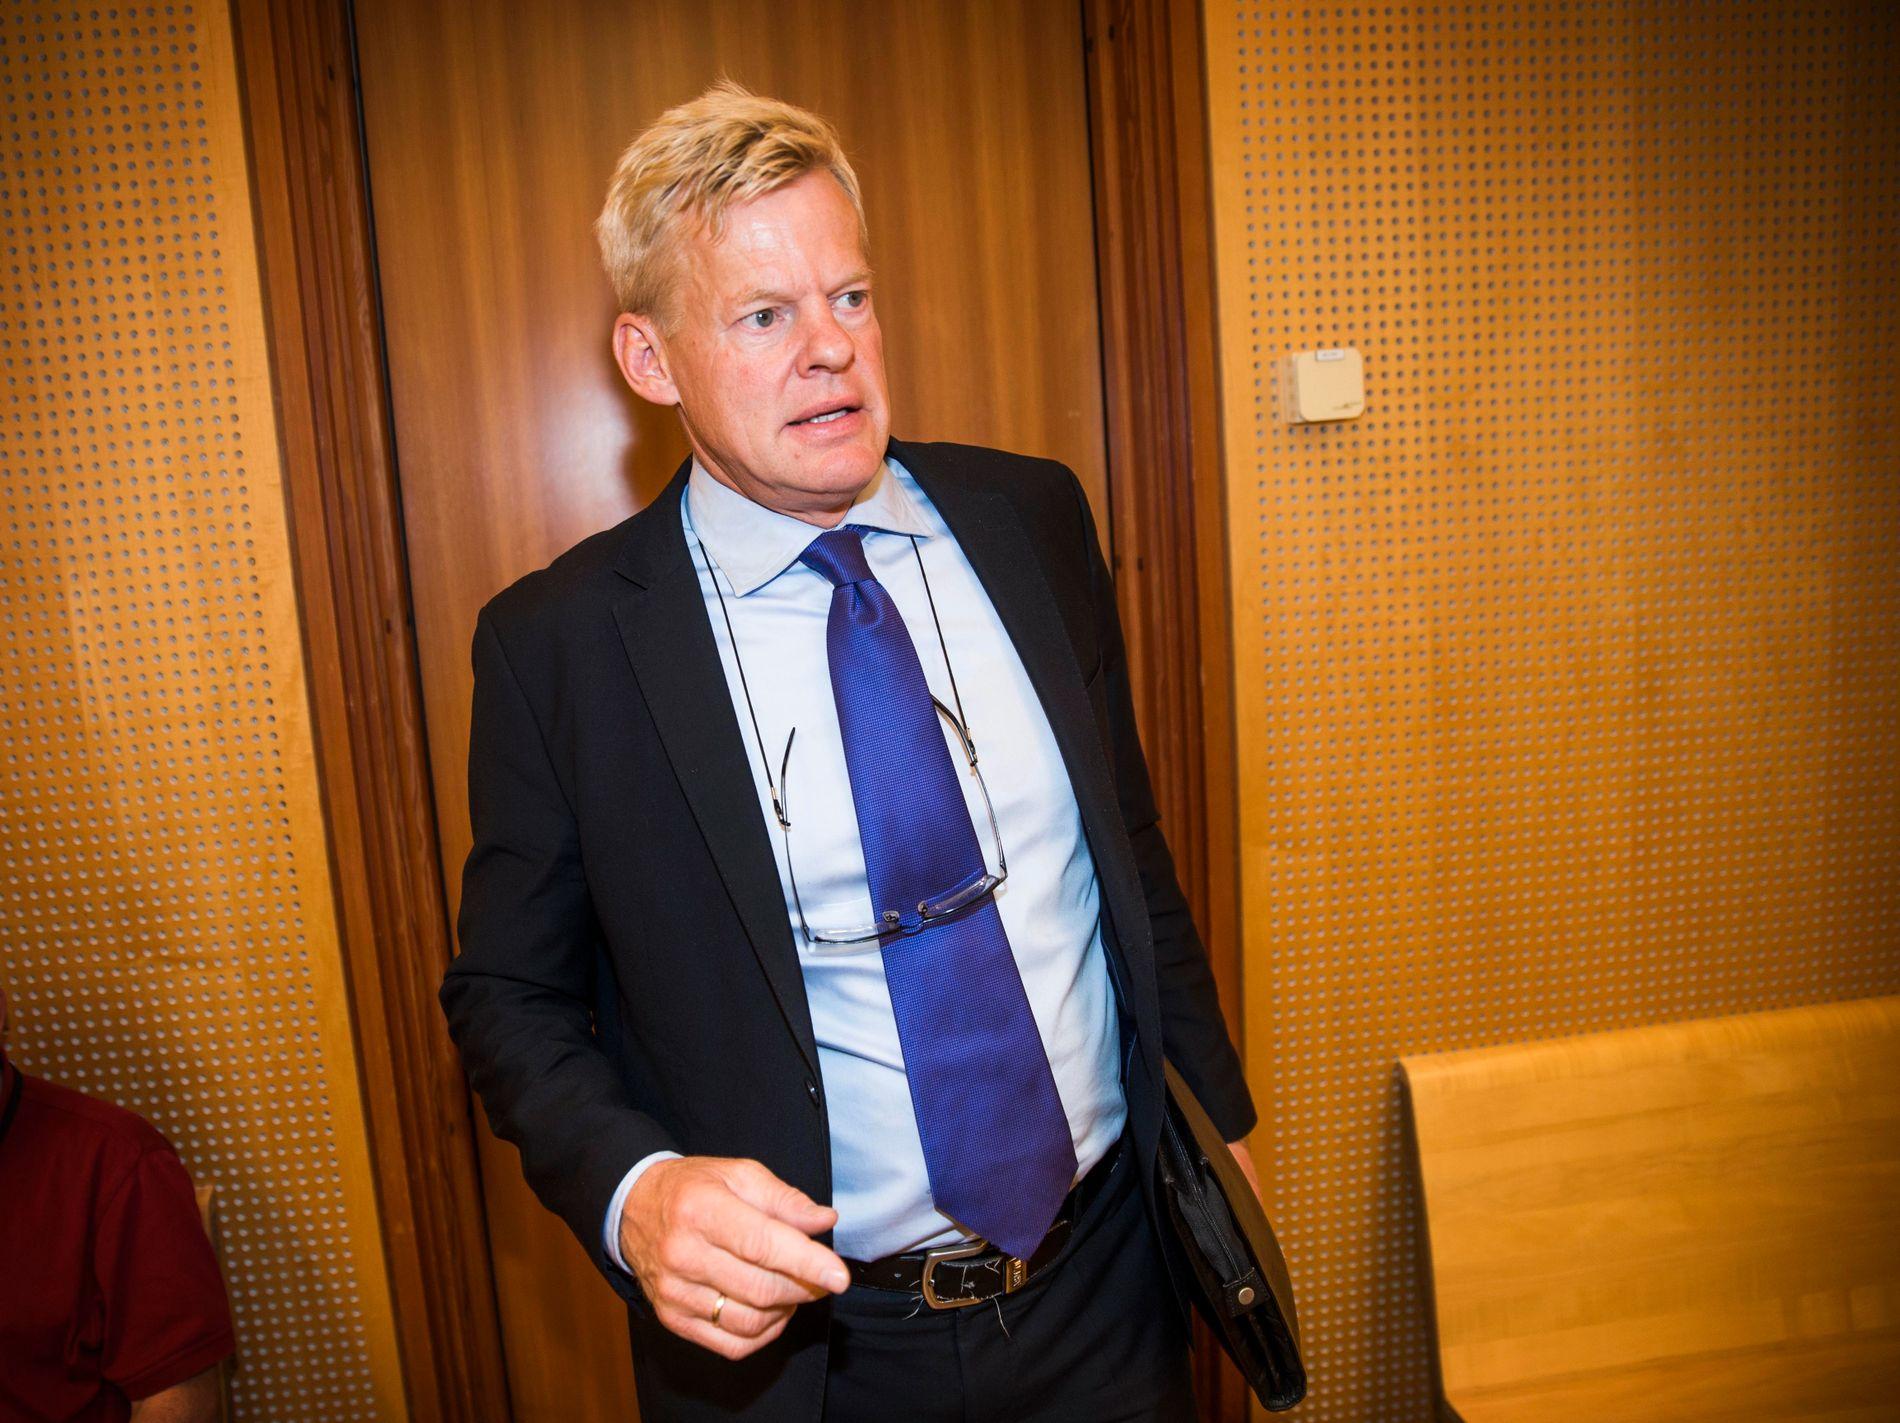 FORSVARER: Morten Furuholmen forsvarer 23-åringen.